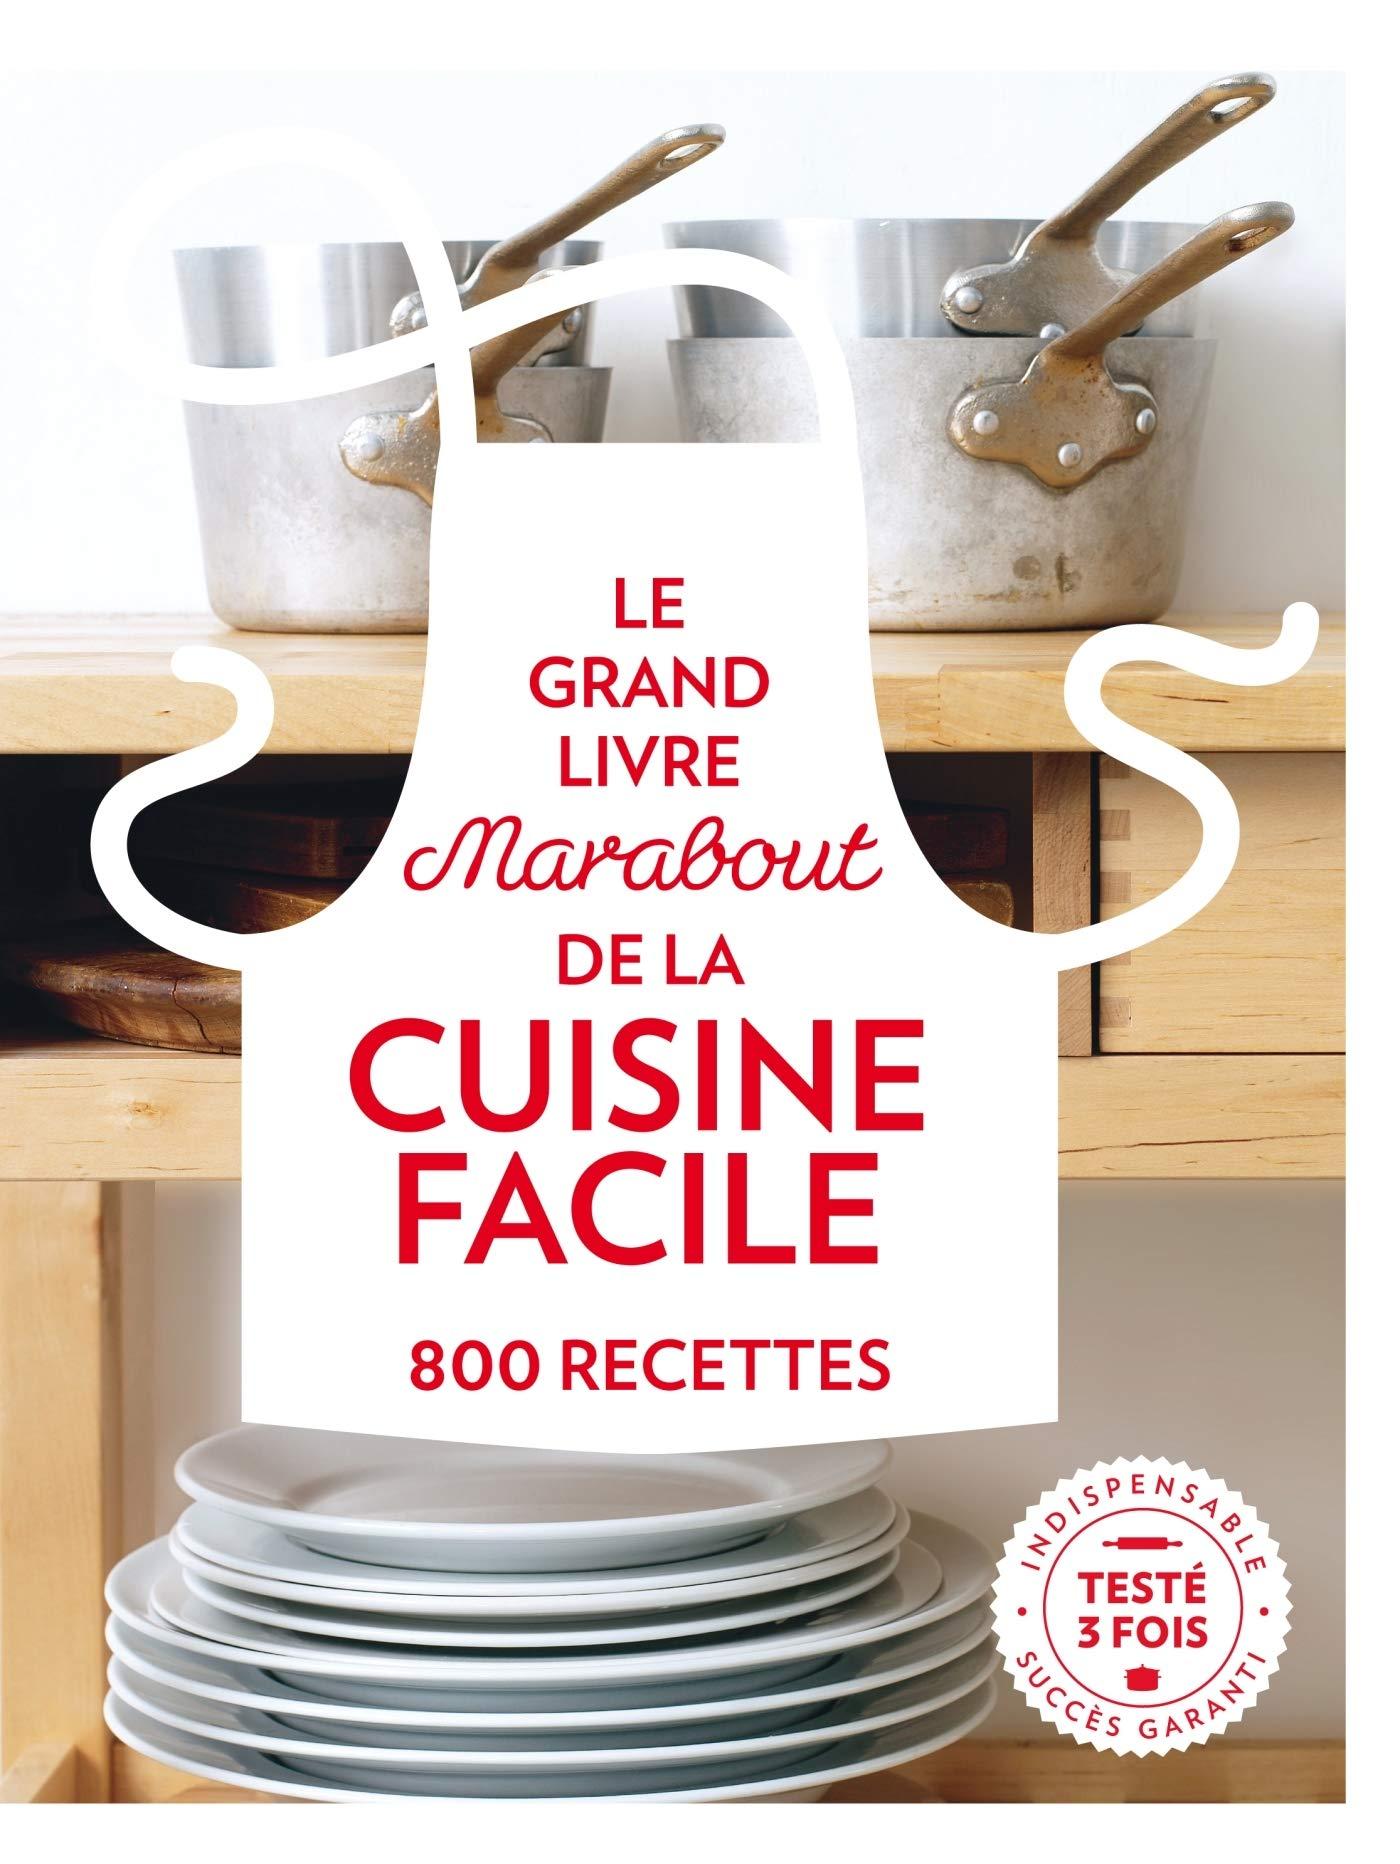 Le Grand Livre Marabout De La Cuisine Facile 800 Recettes